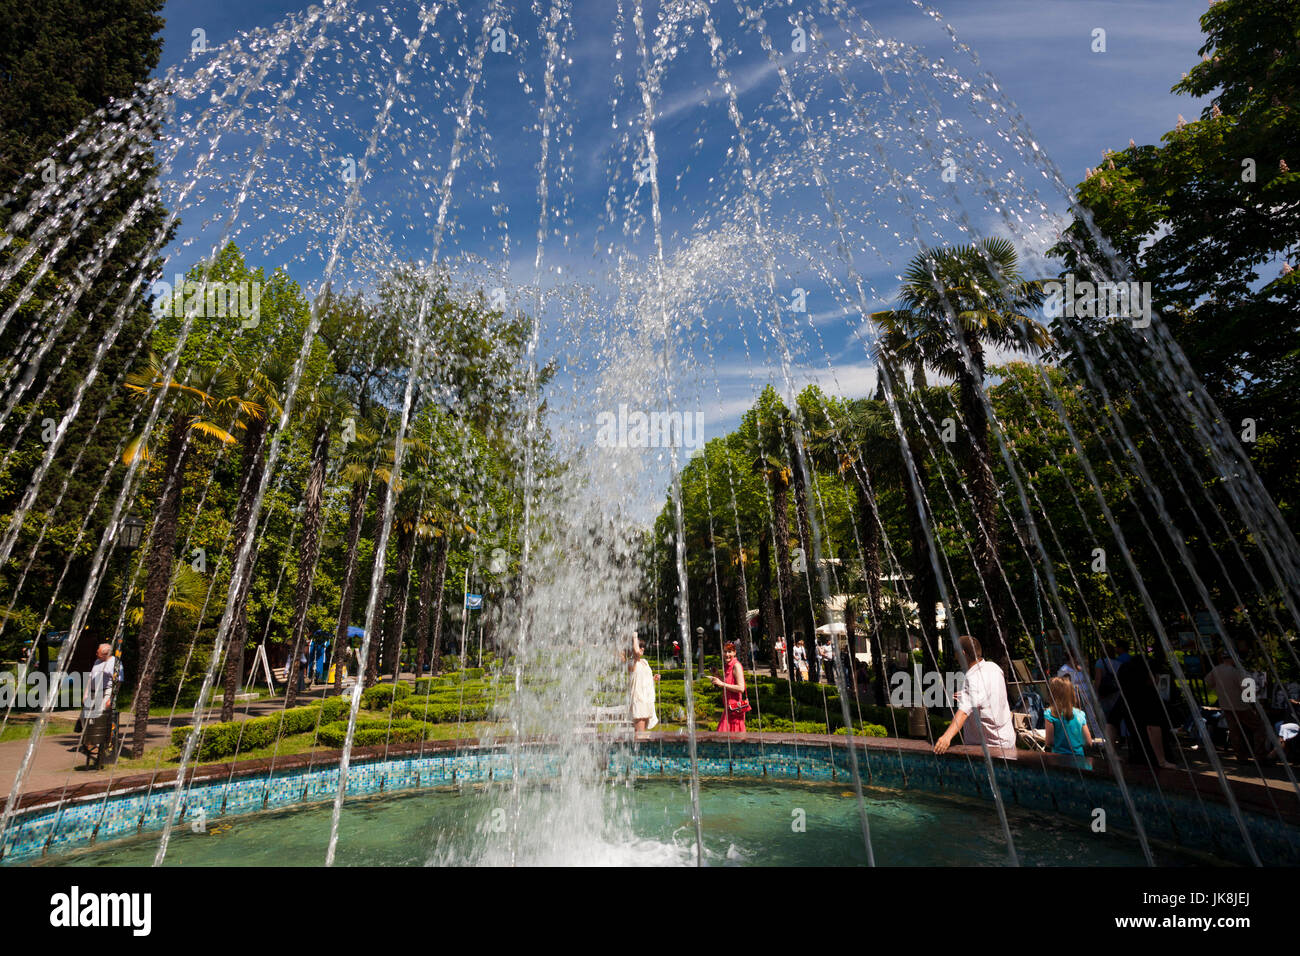 Russia, Black Sea Coast, Sochi, Riviera Park - Stock Image